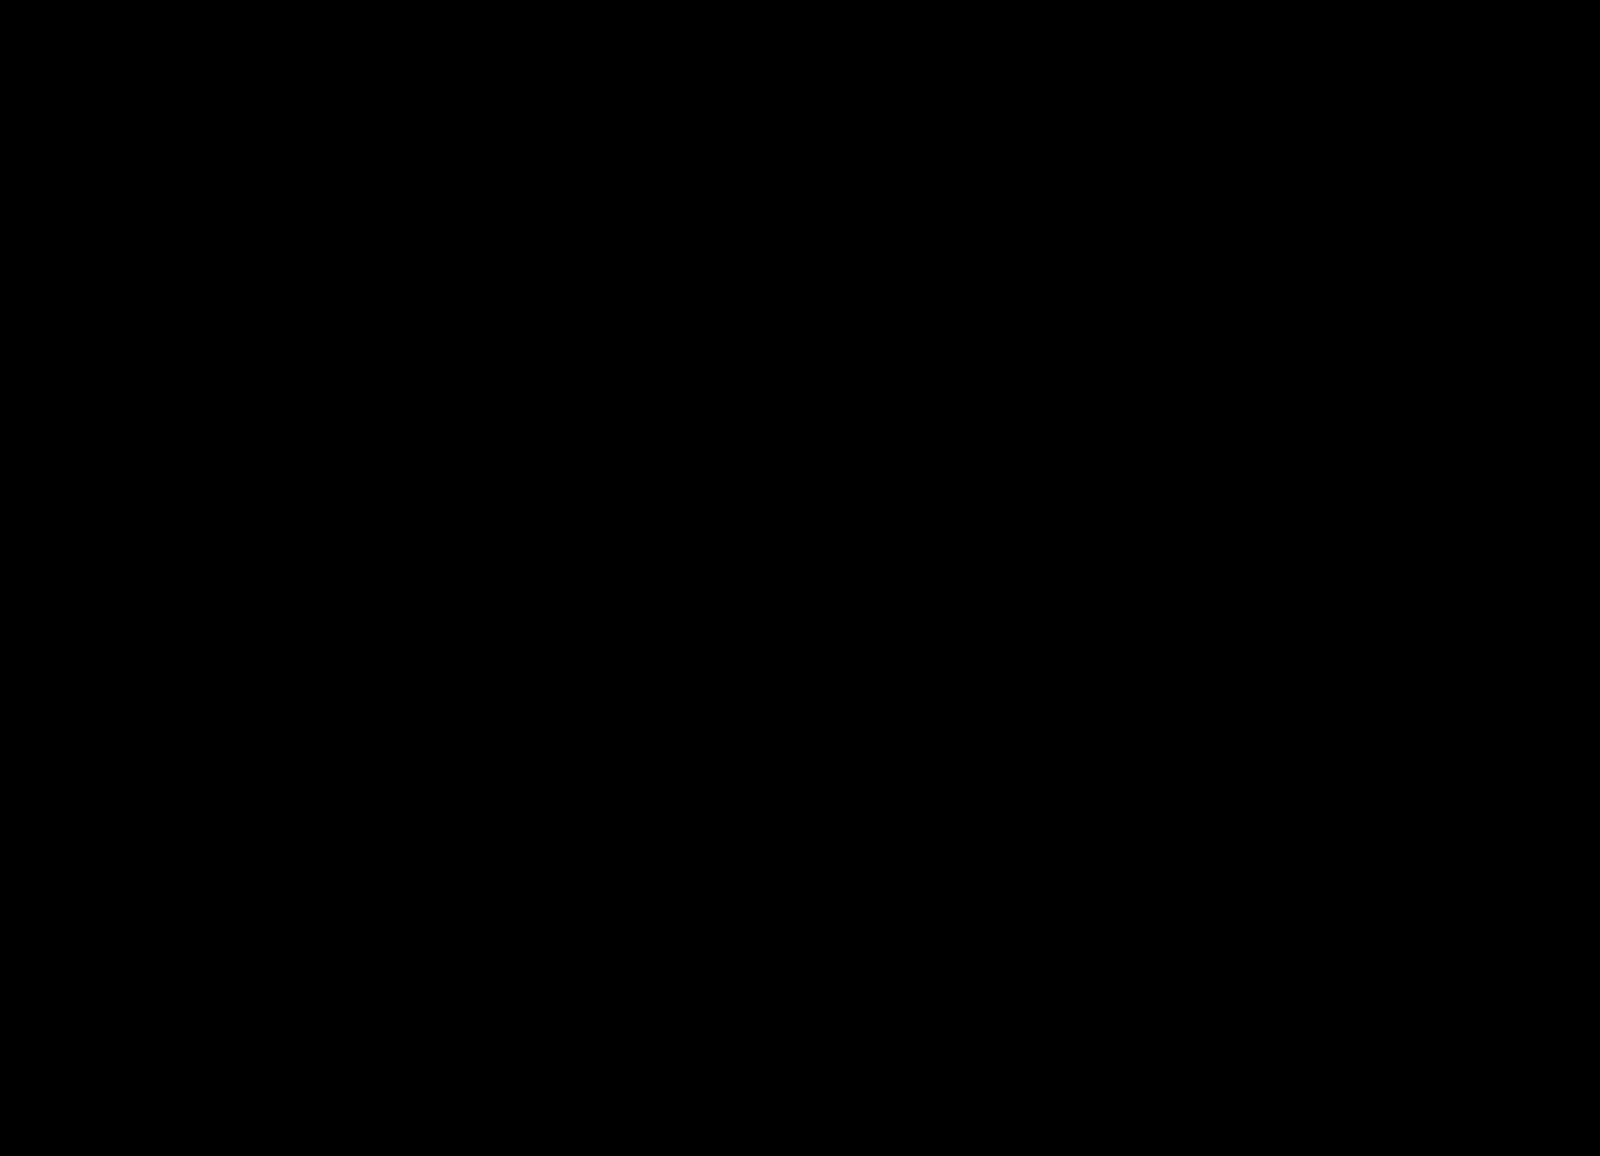 Flying lightbulb Silhouette tattoo